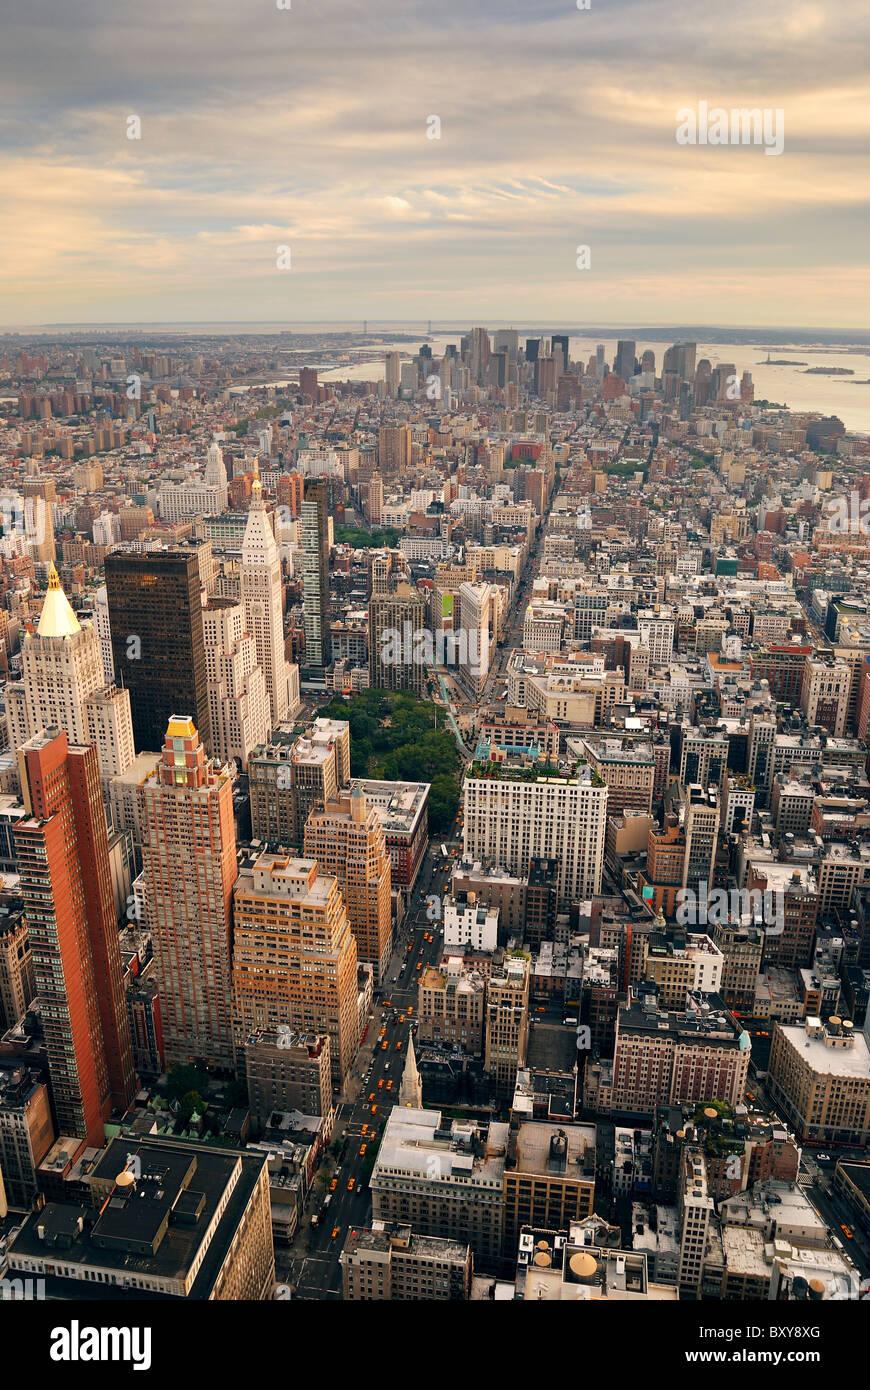 New York City Manhattan Sonnenuntergang Skyline Luftbild mit Bürogebäude Wolkenkratzer und Hudson River. Stockbild